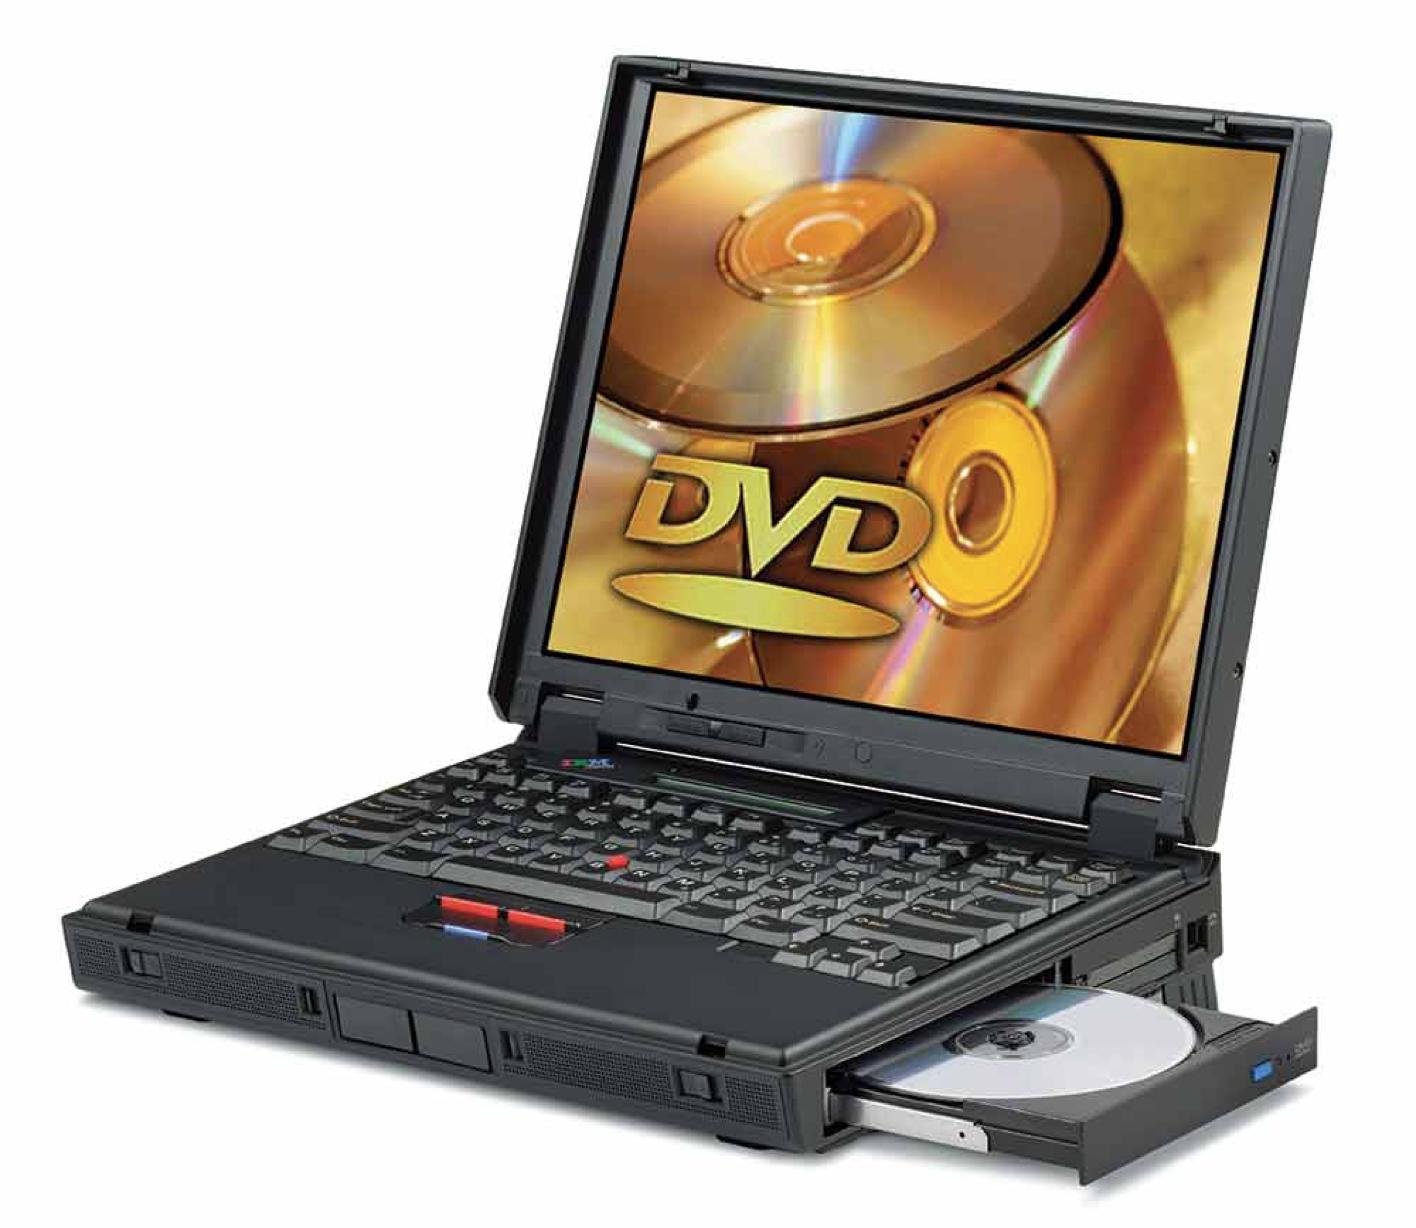 Эволюция и революция в сфере хранения данных: как ноутбуки ThinkPad помогли изменить процесс обмена информацией - 3